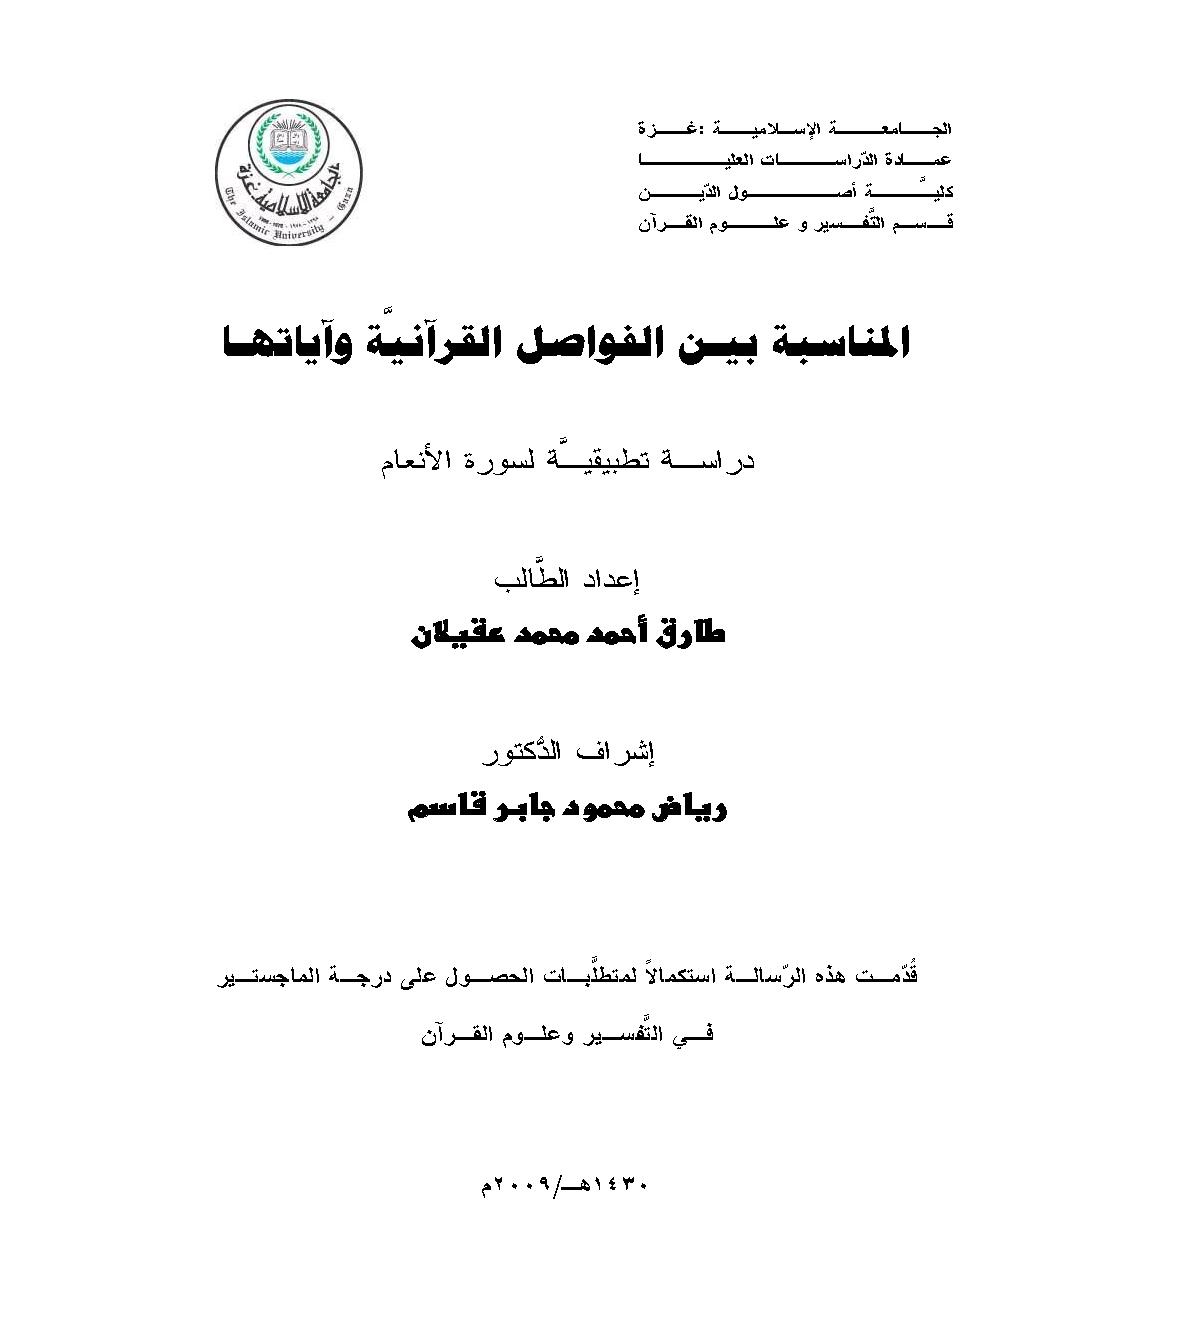 تحميل كتاب المناسبة بين الفواصل القرآنية وآياتها (دراسة تطبيقية لسورة الأنعام) لـِ: طارق أحمد محمد عقيلان